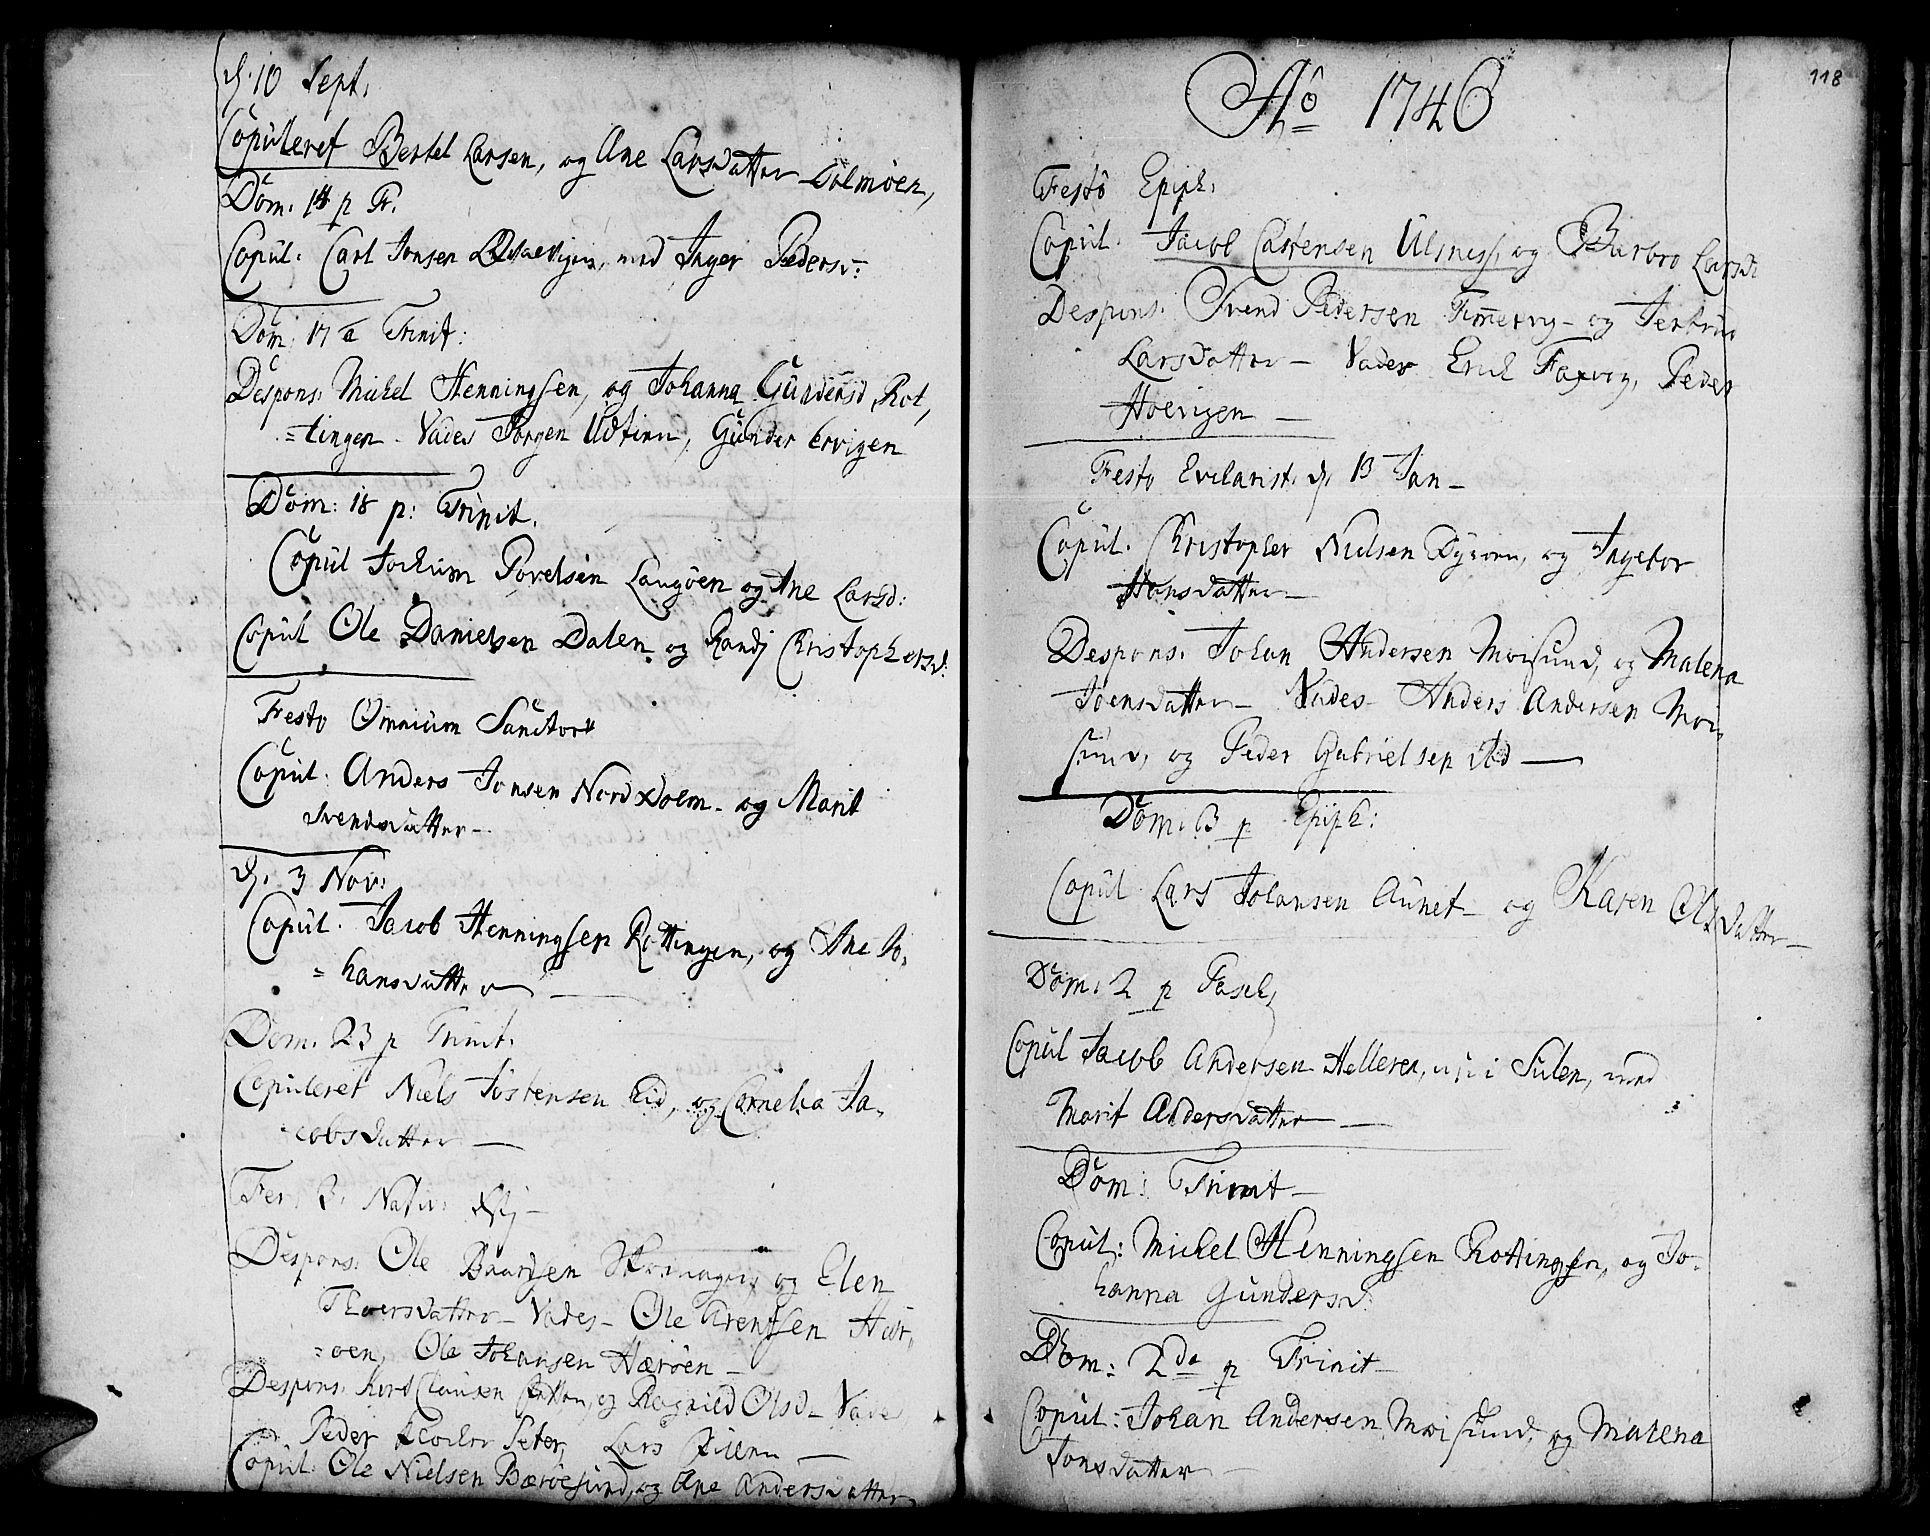 SAT, Ministerialprotokoller, klokkerbøker og fødselsregistre - Sør-Trøndelag, 634/L0525: Ministerialbok nr. 634A01, 1736-1775, s. 118